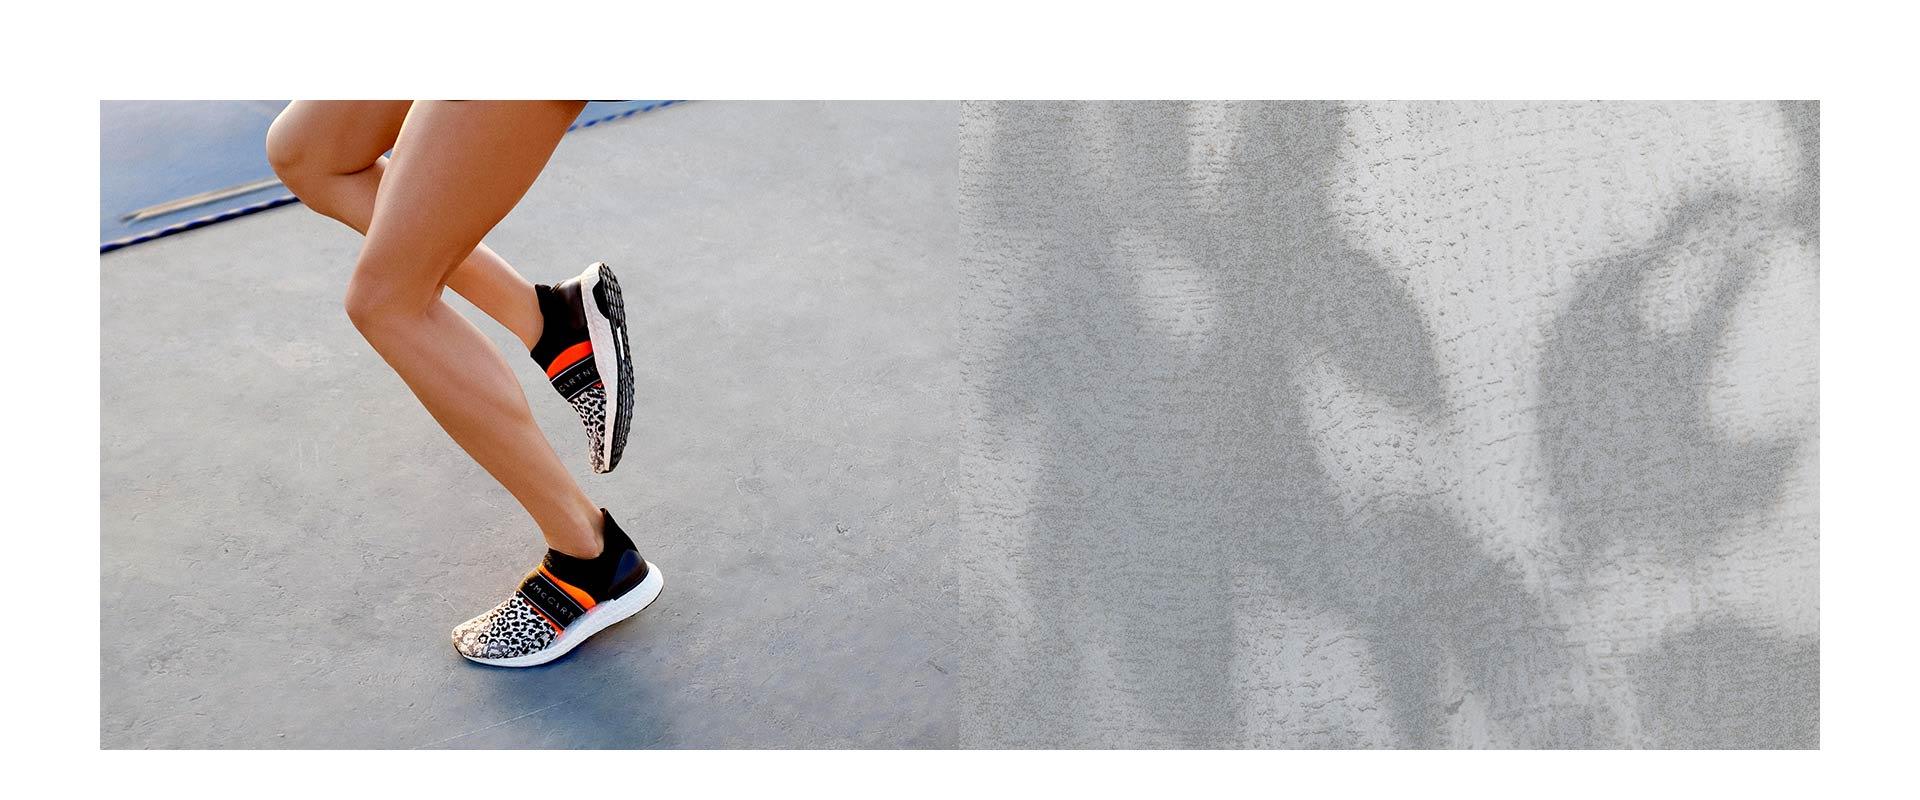 ee24d44ef6ed adidas by Stella McCartney